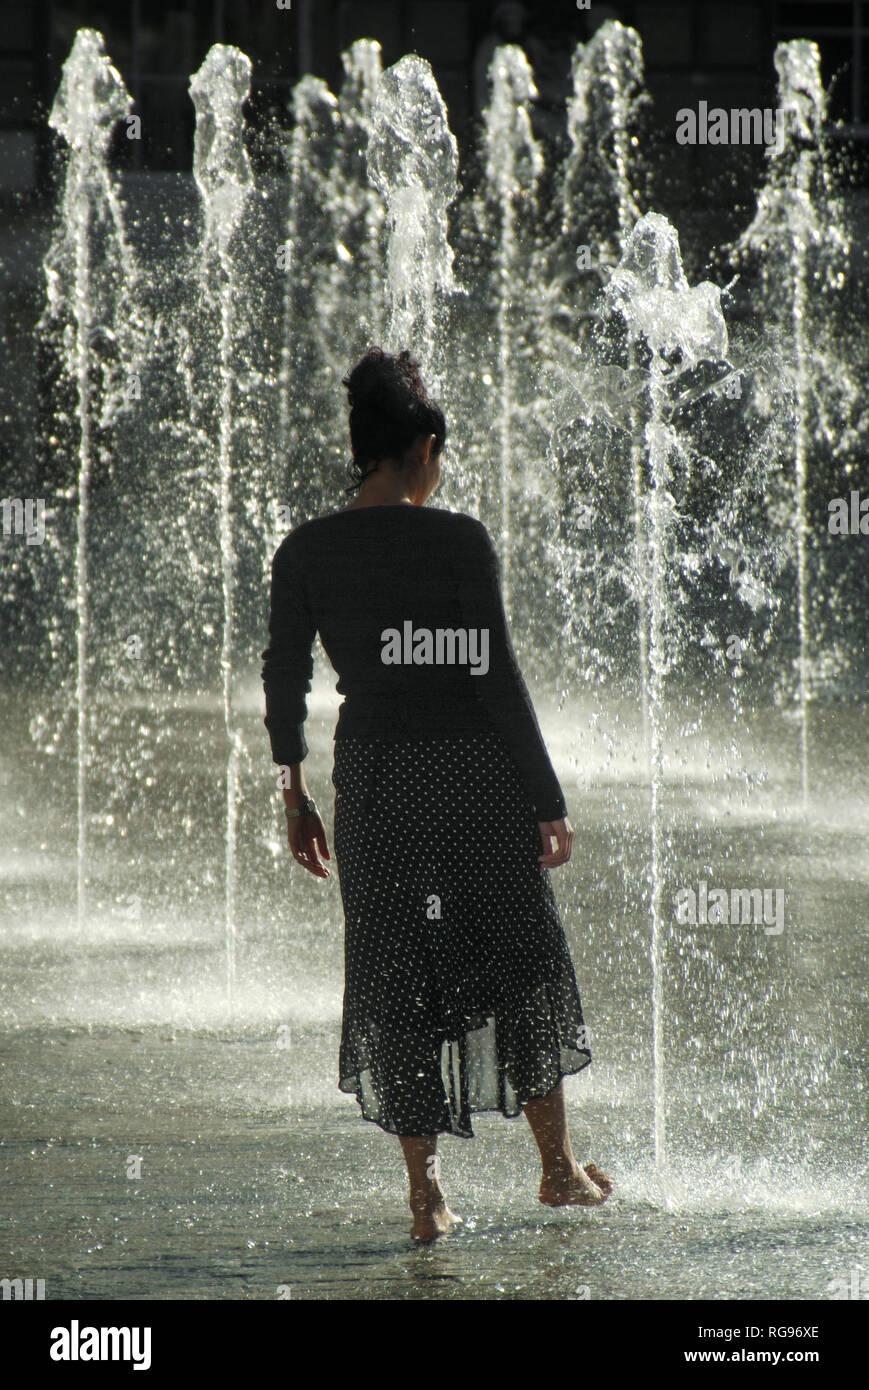 Les tests de concepts & toe trempage dans l'eau de fontaine fonction silhouette Vue de dos grand jeune femme plaisir de vous rafraîchir l'été chaud météo London England UK Photo Stock